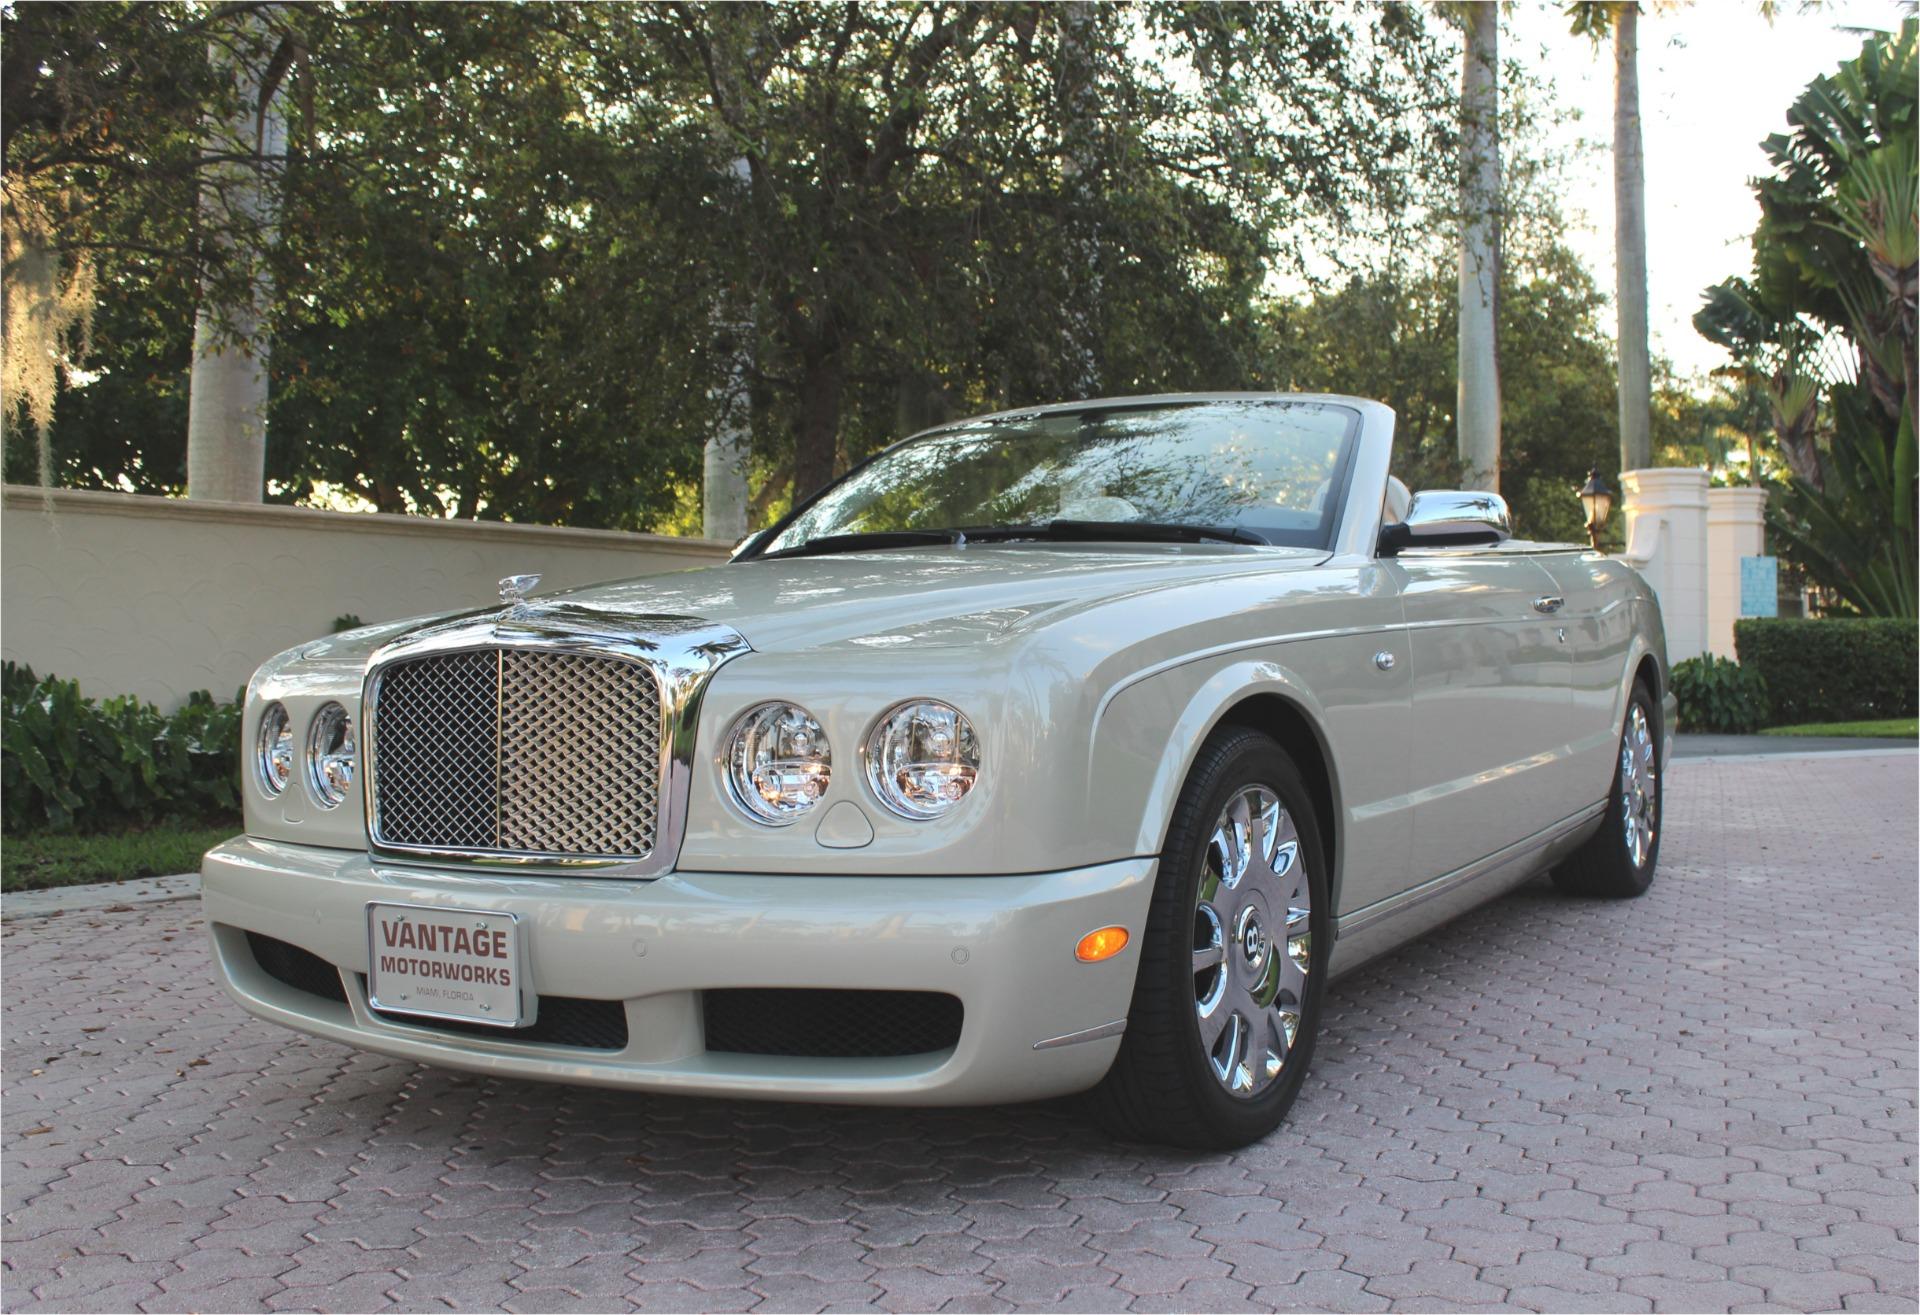 Used-2007-Bentley-Azure-450-Hp-Twin-Turbo